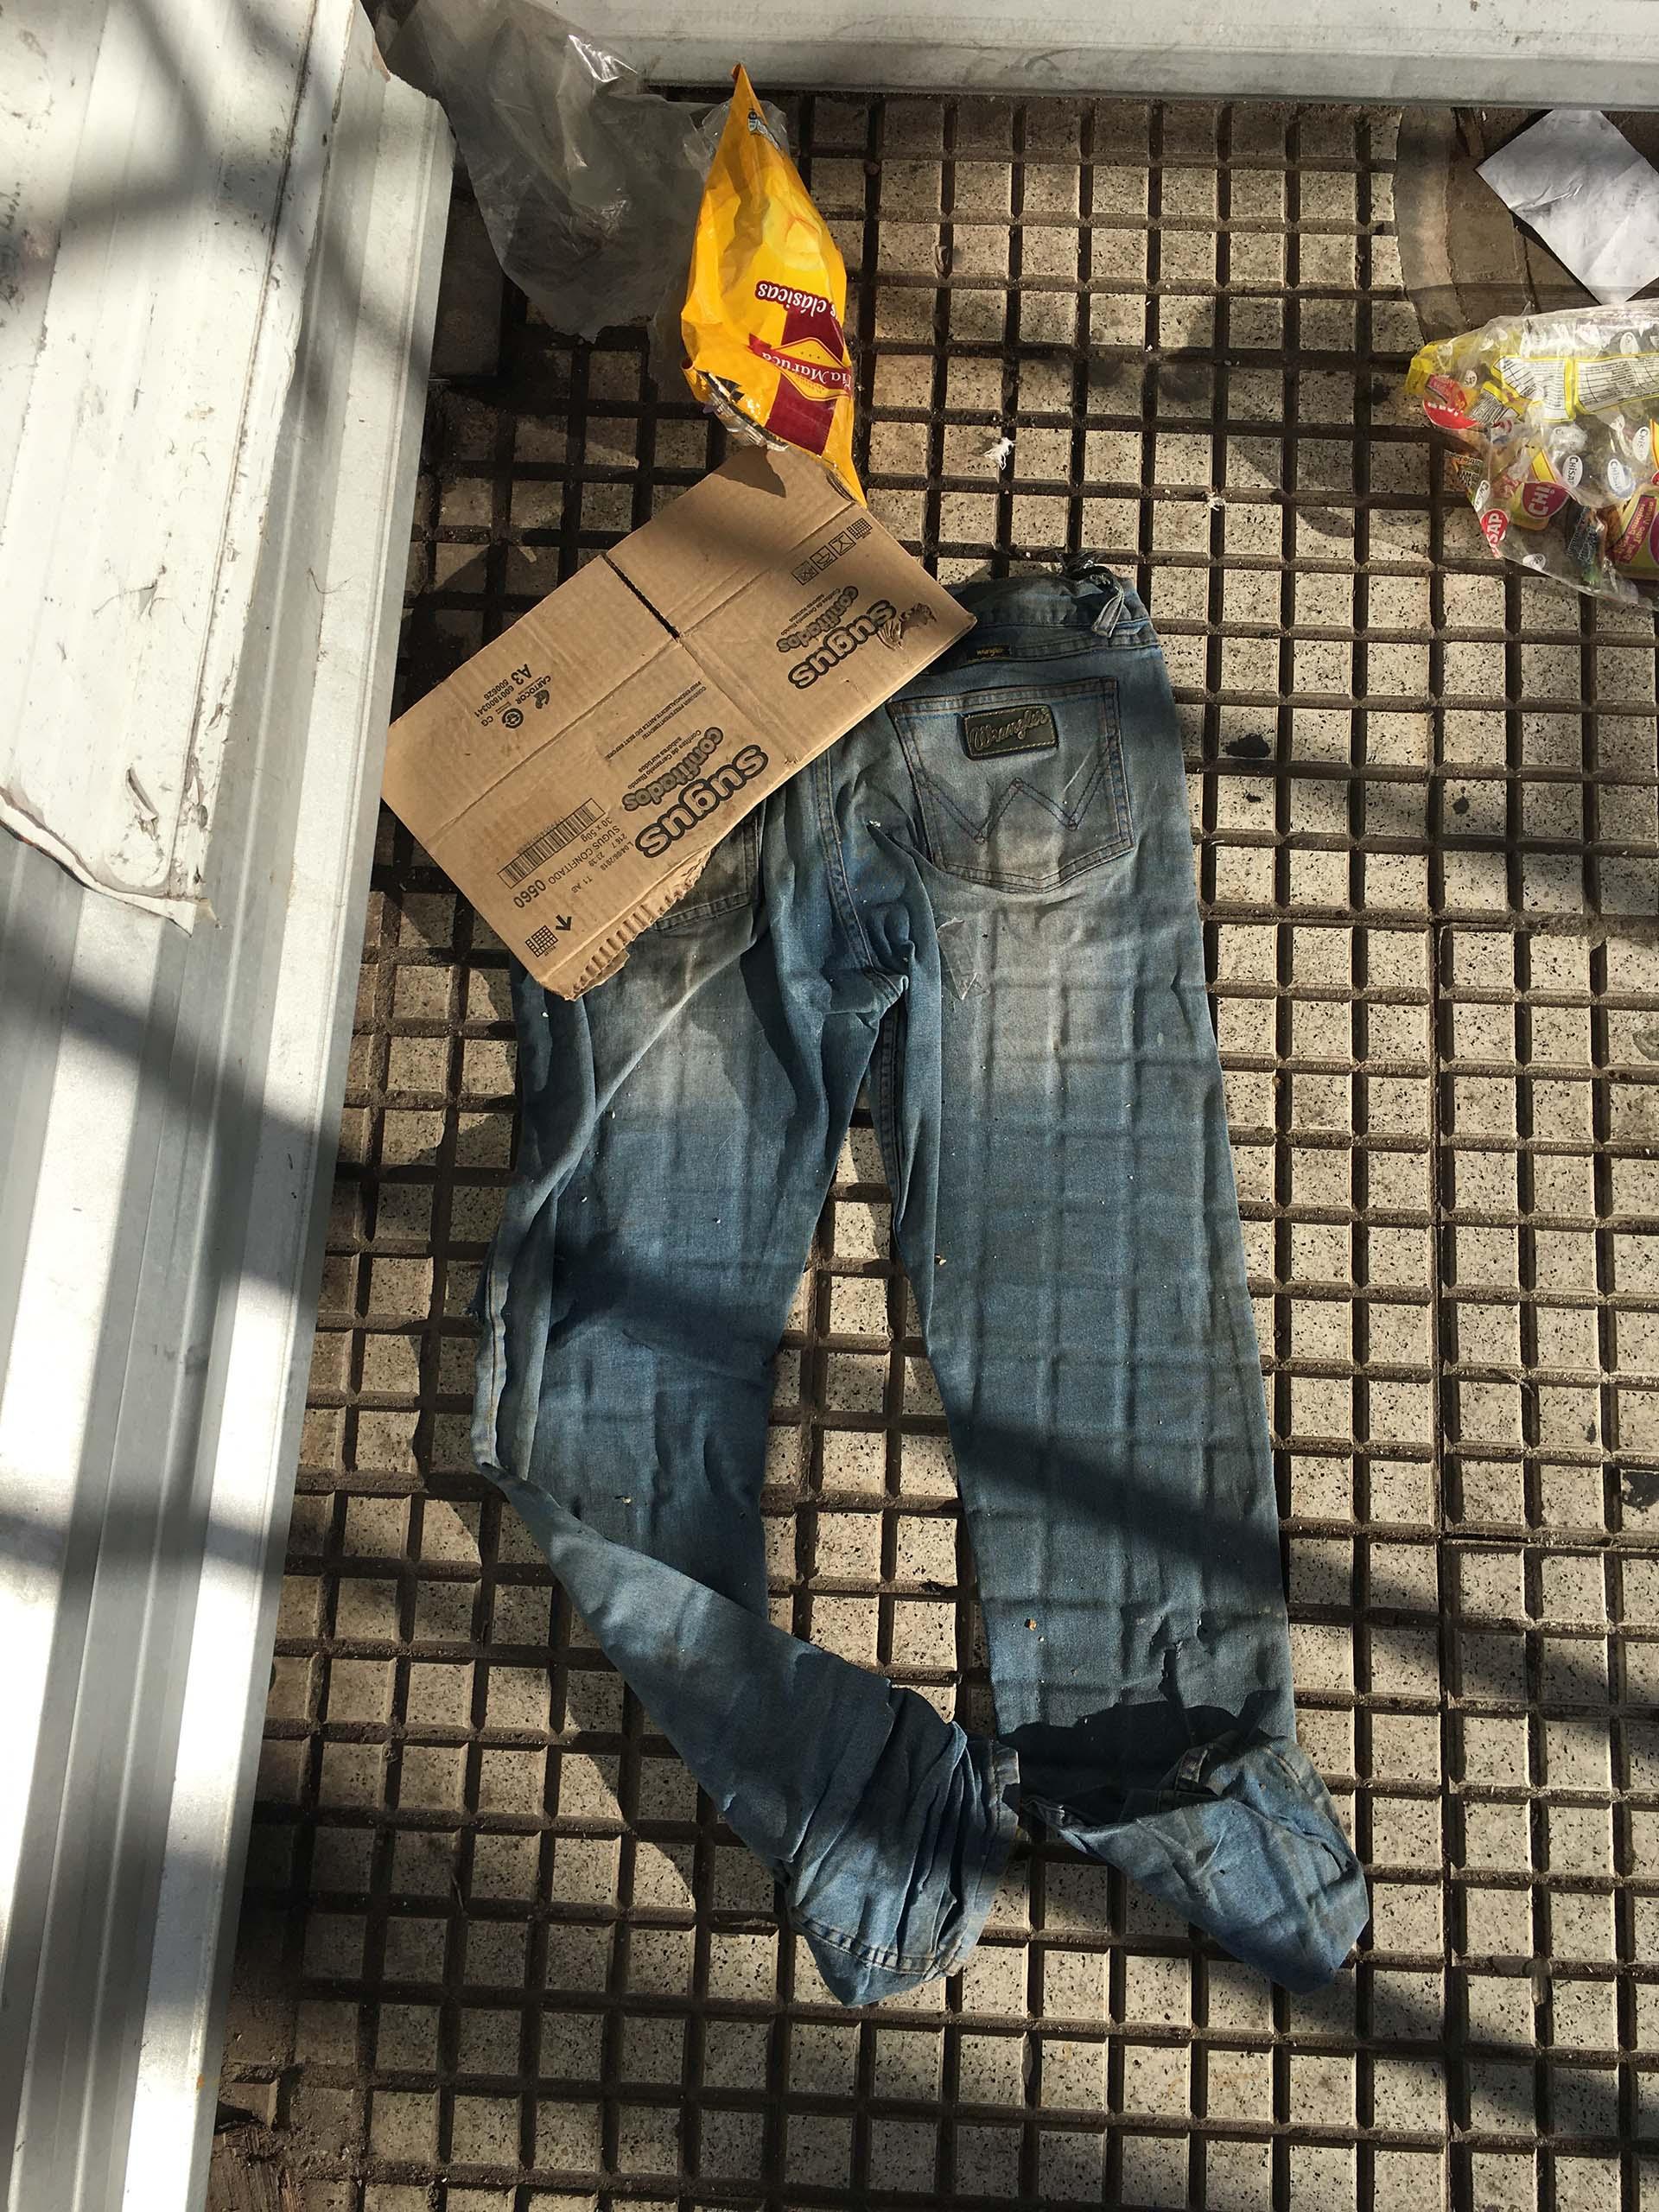 Había salido del subte en la Plaza Constitución. Giró sobre la calle Brasil y encontró contra la pared, un jean mojado y bolsas de comida alrededor. Sacó la cámara que siempre lleva consigo e inmortalizó el hallazgo: